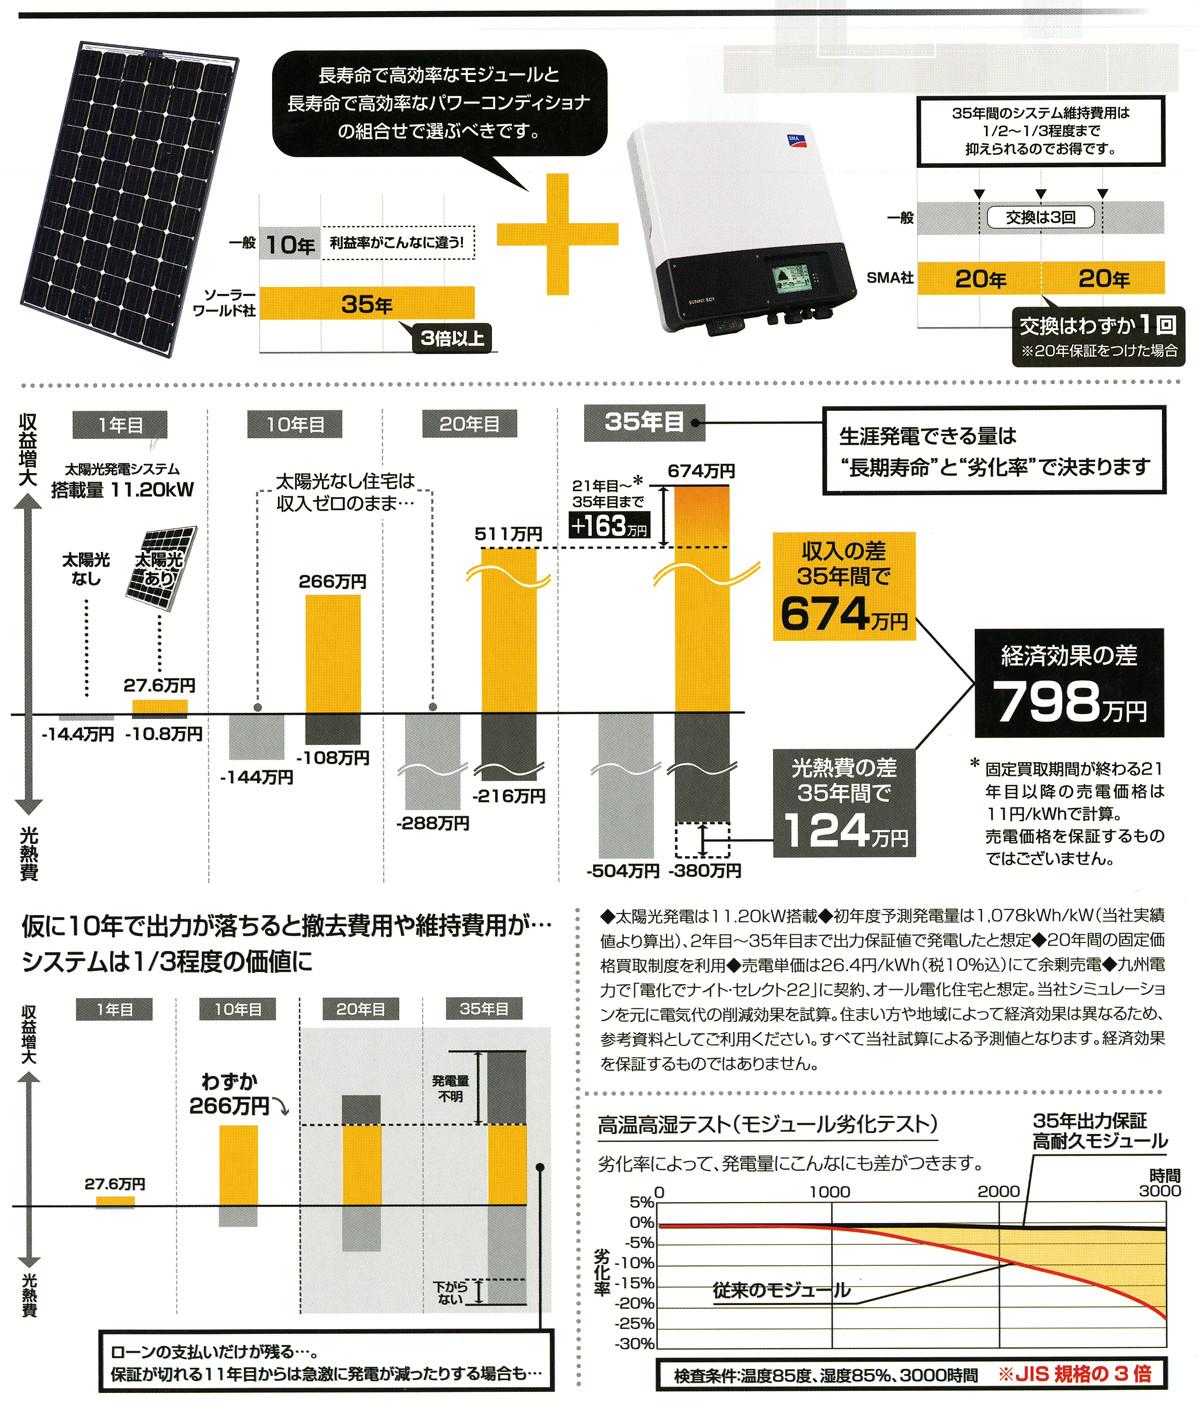 ソーラーパネル35年保証のの解説